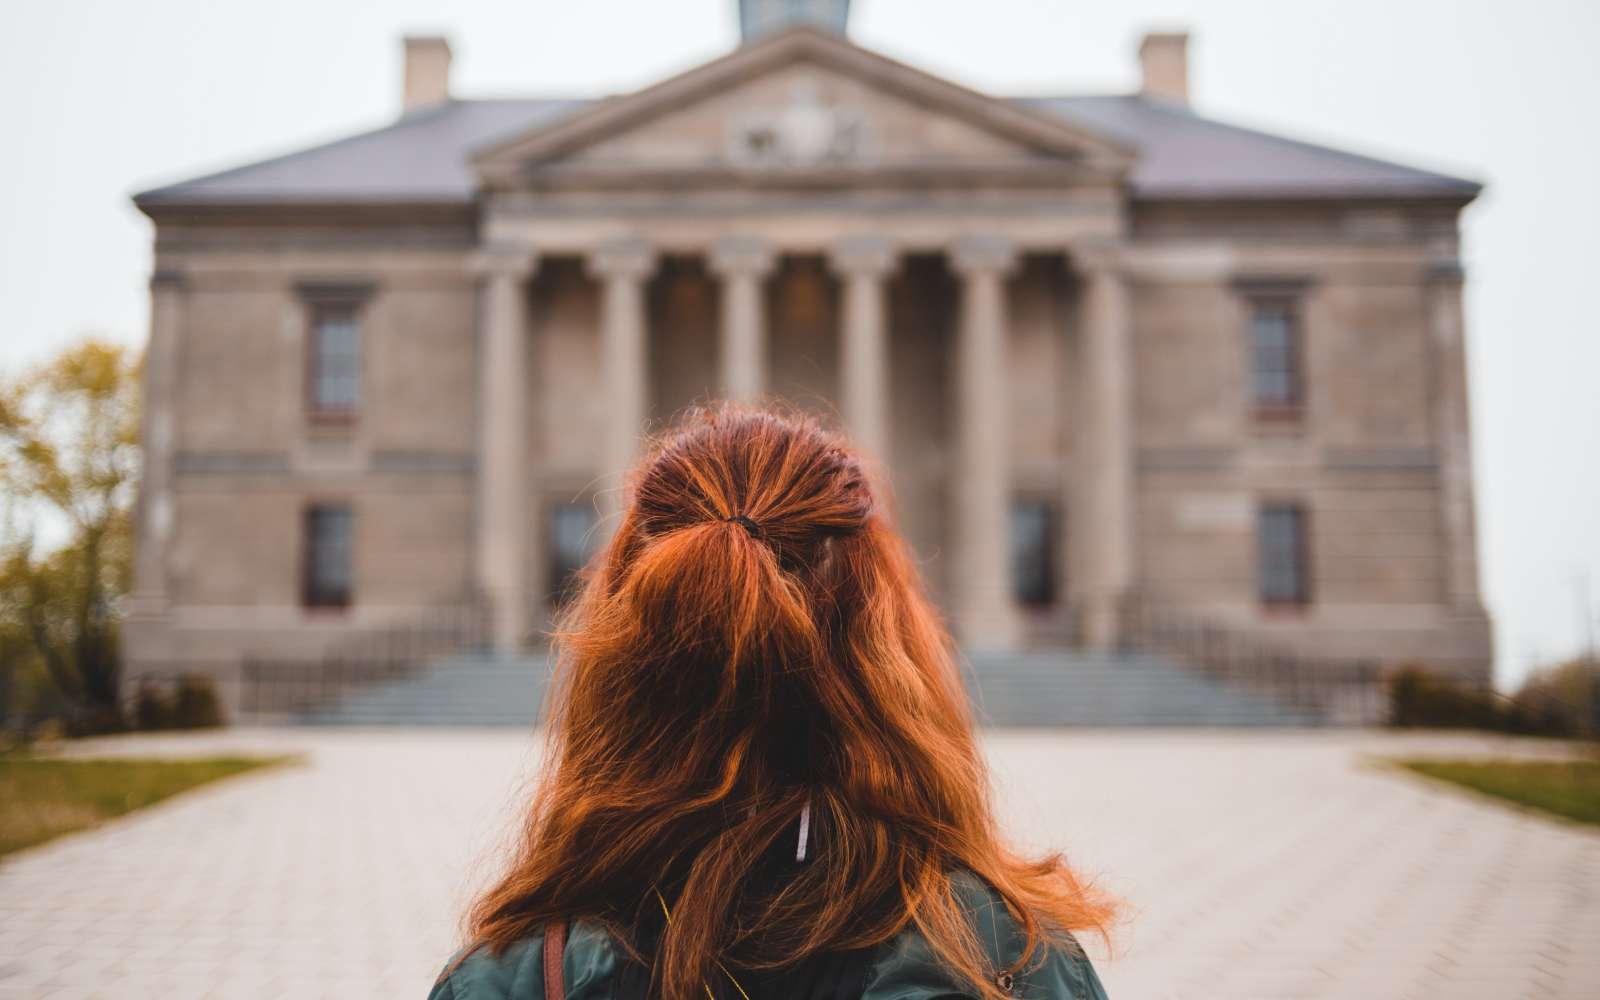 ragazza di spalle con capelli rossi crespi legati con mezza coda